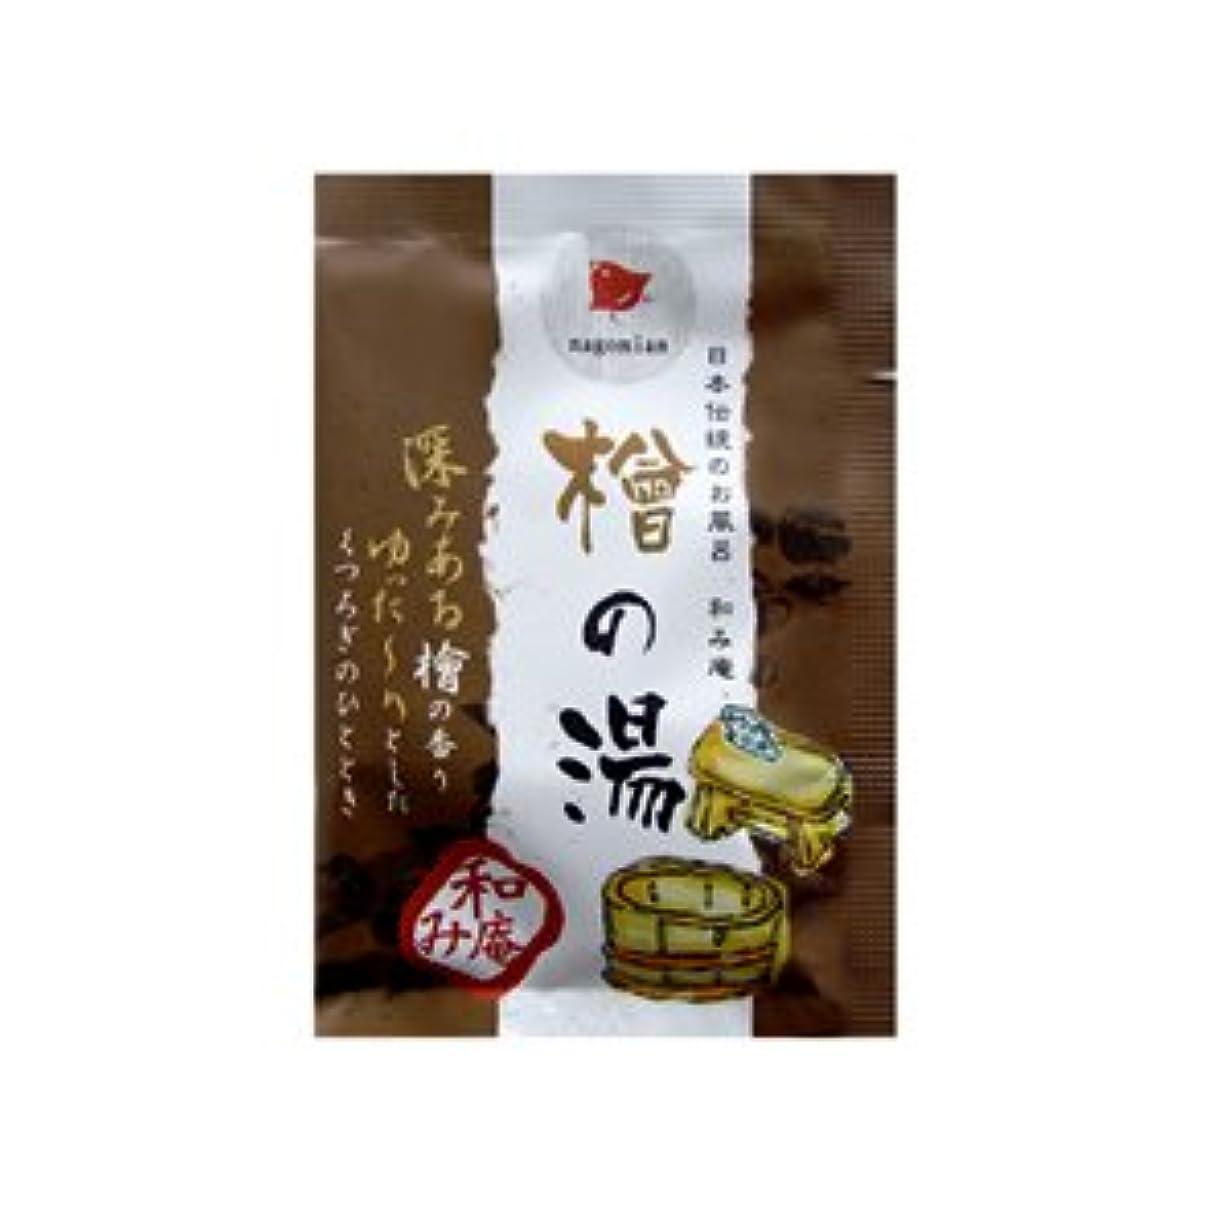 脅かすみがきますメドレー日本伝統のお風呂 和み庵 檜の湯 25g 5個セット